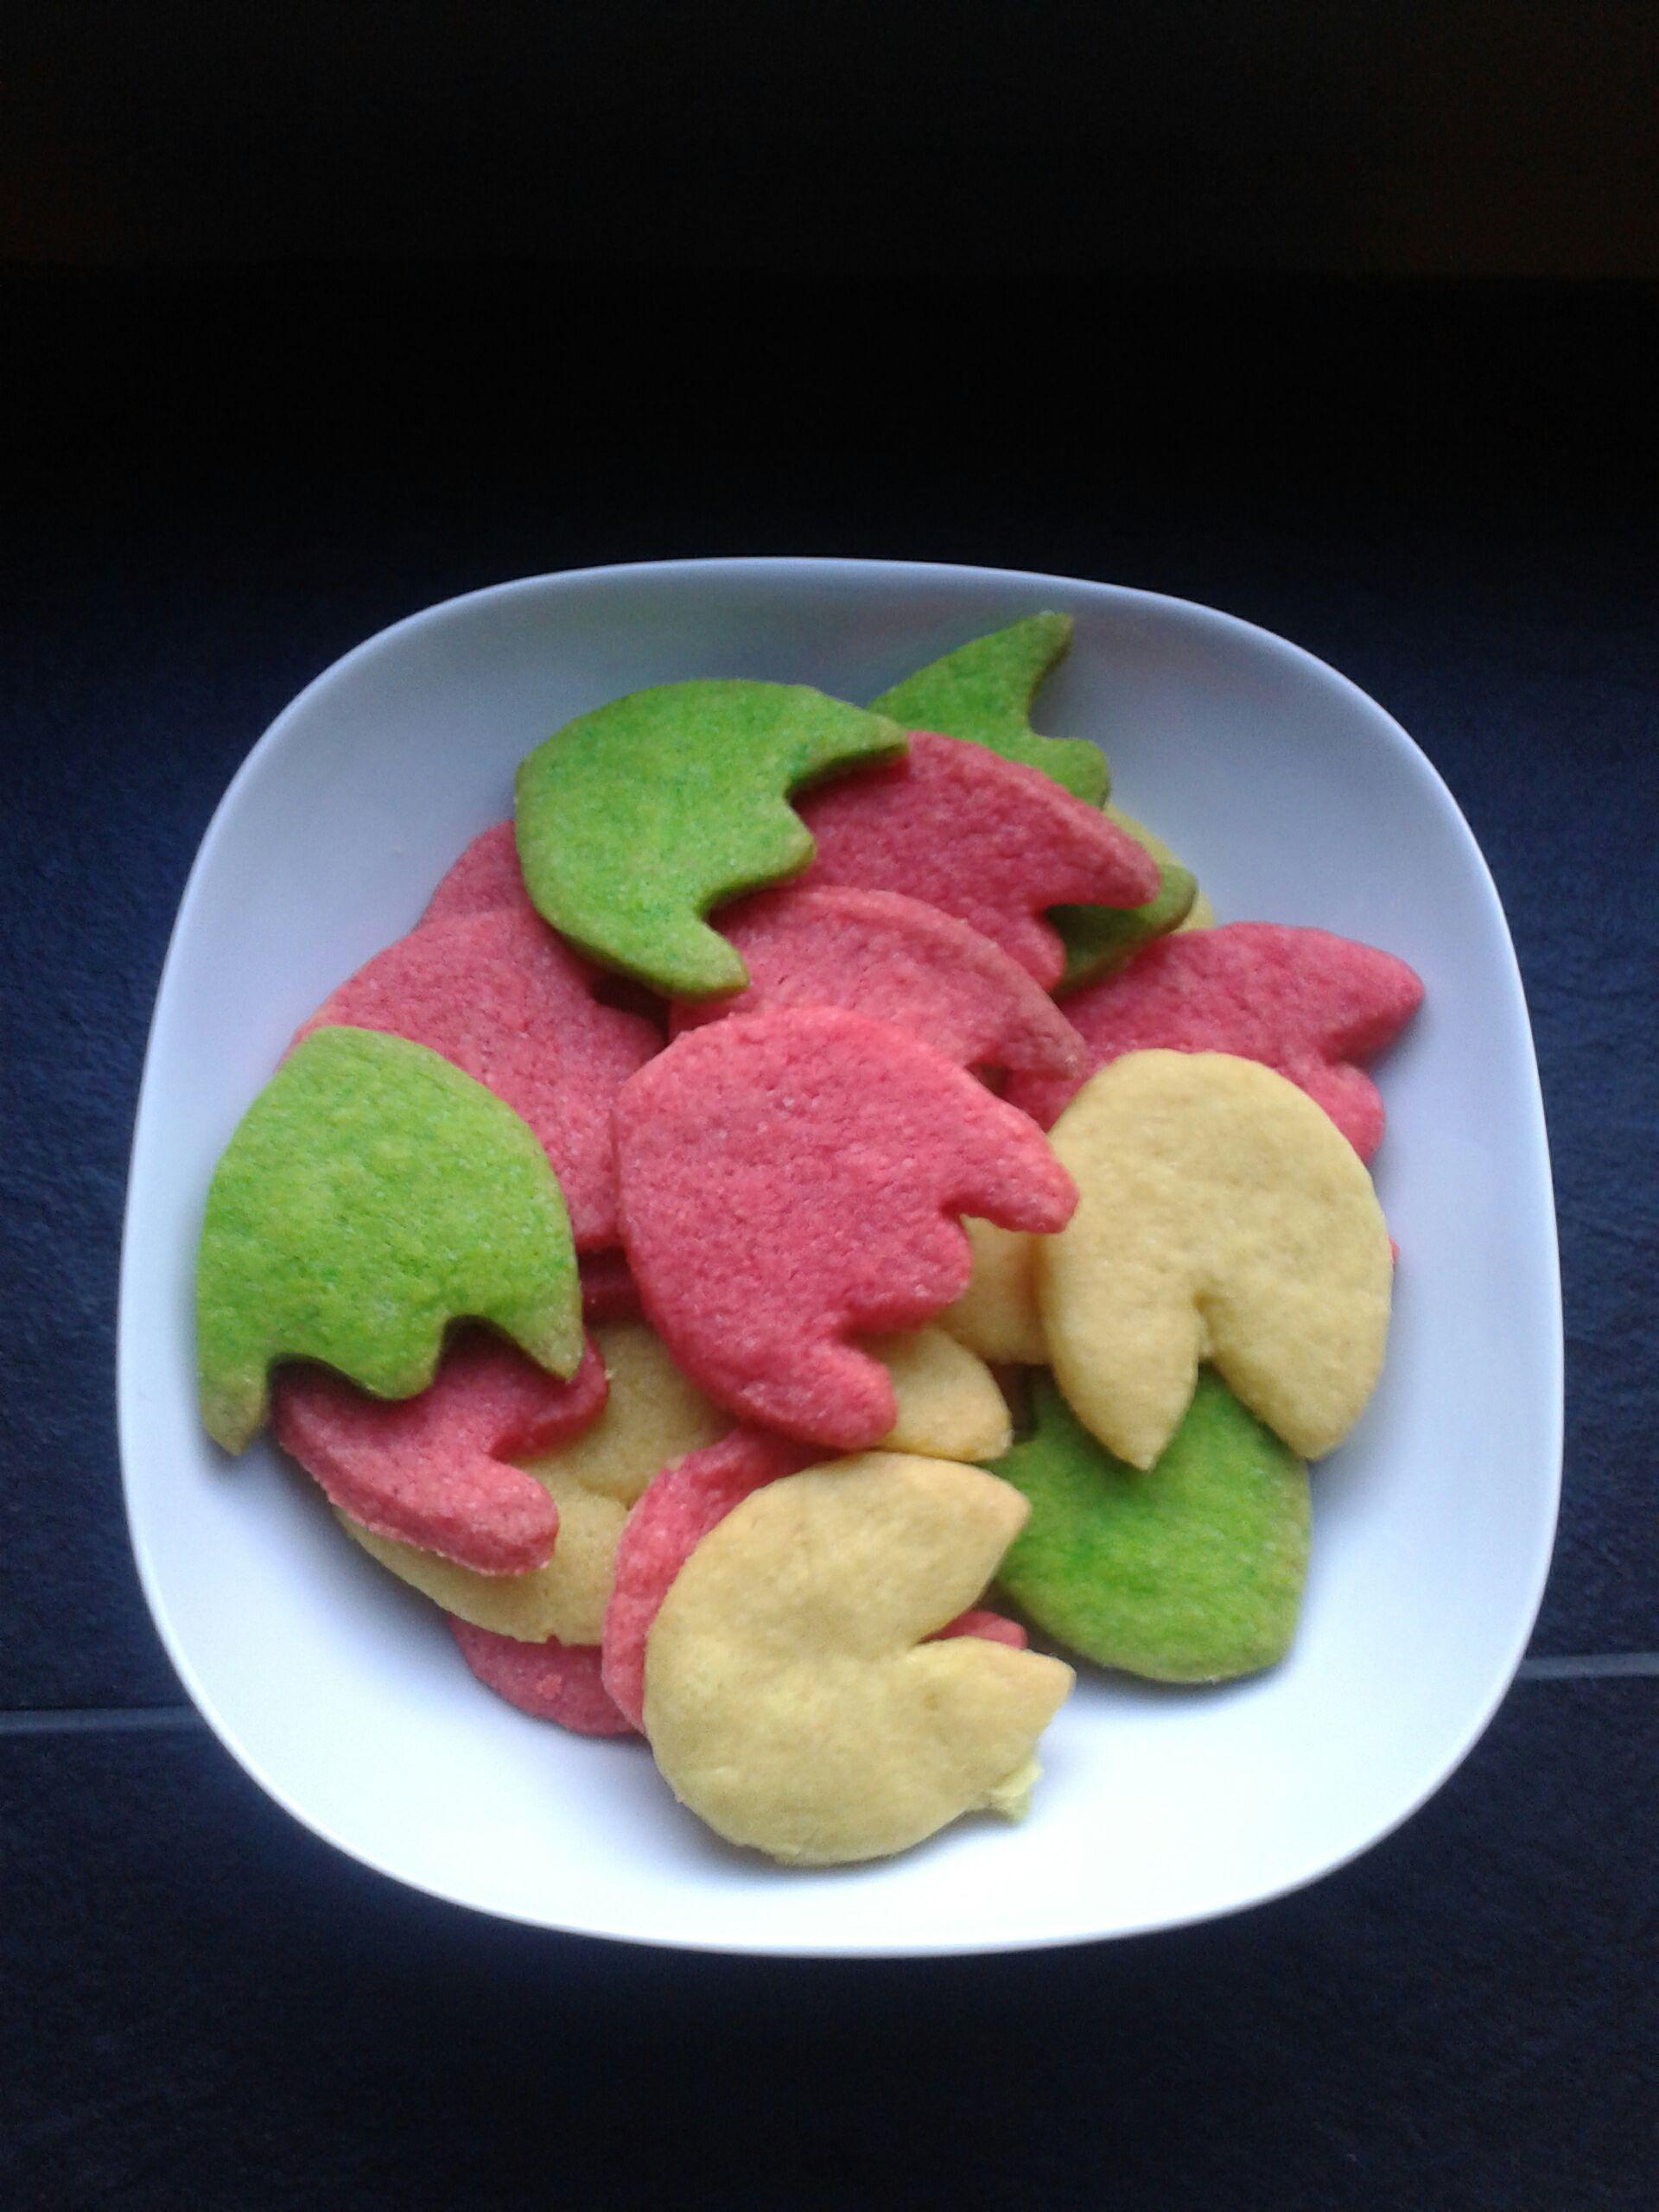 waka waka pacman cookies